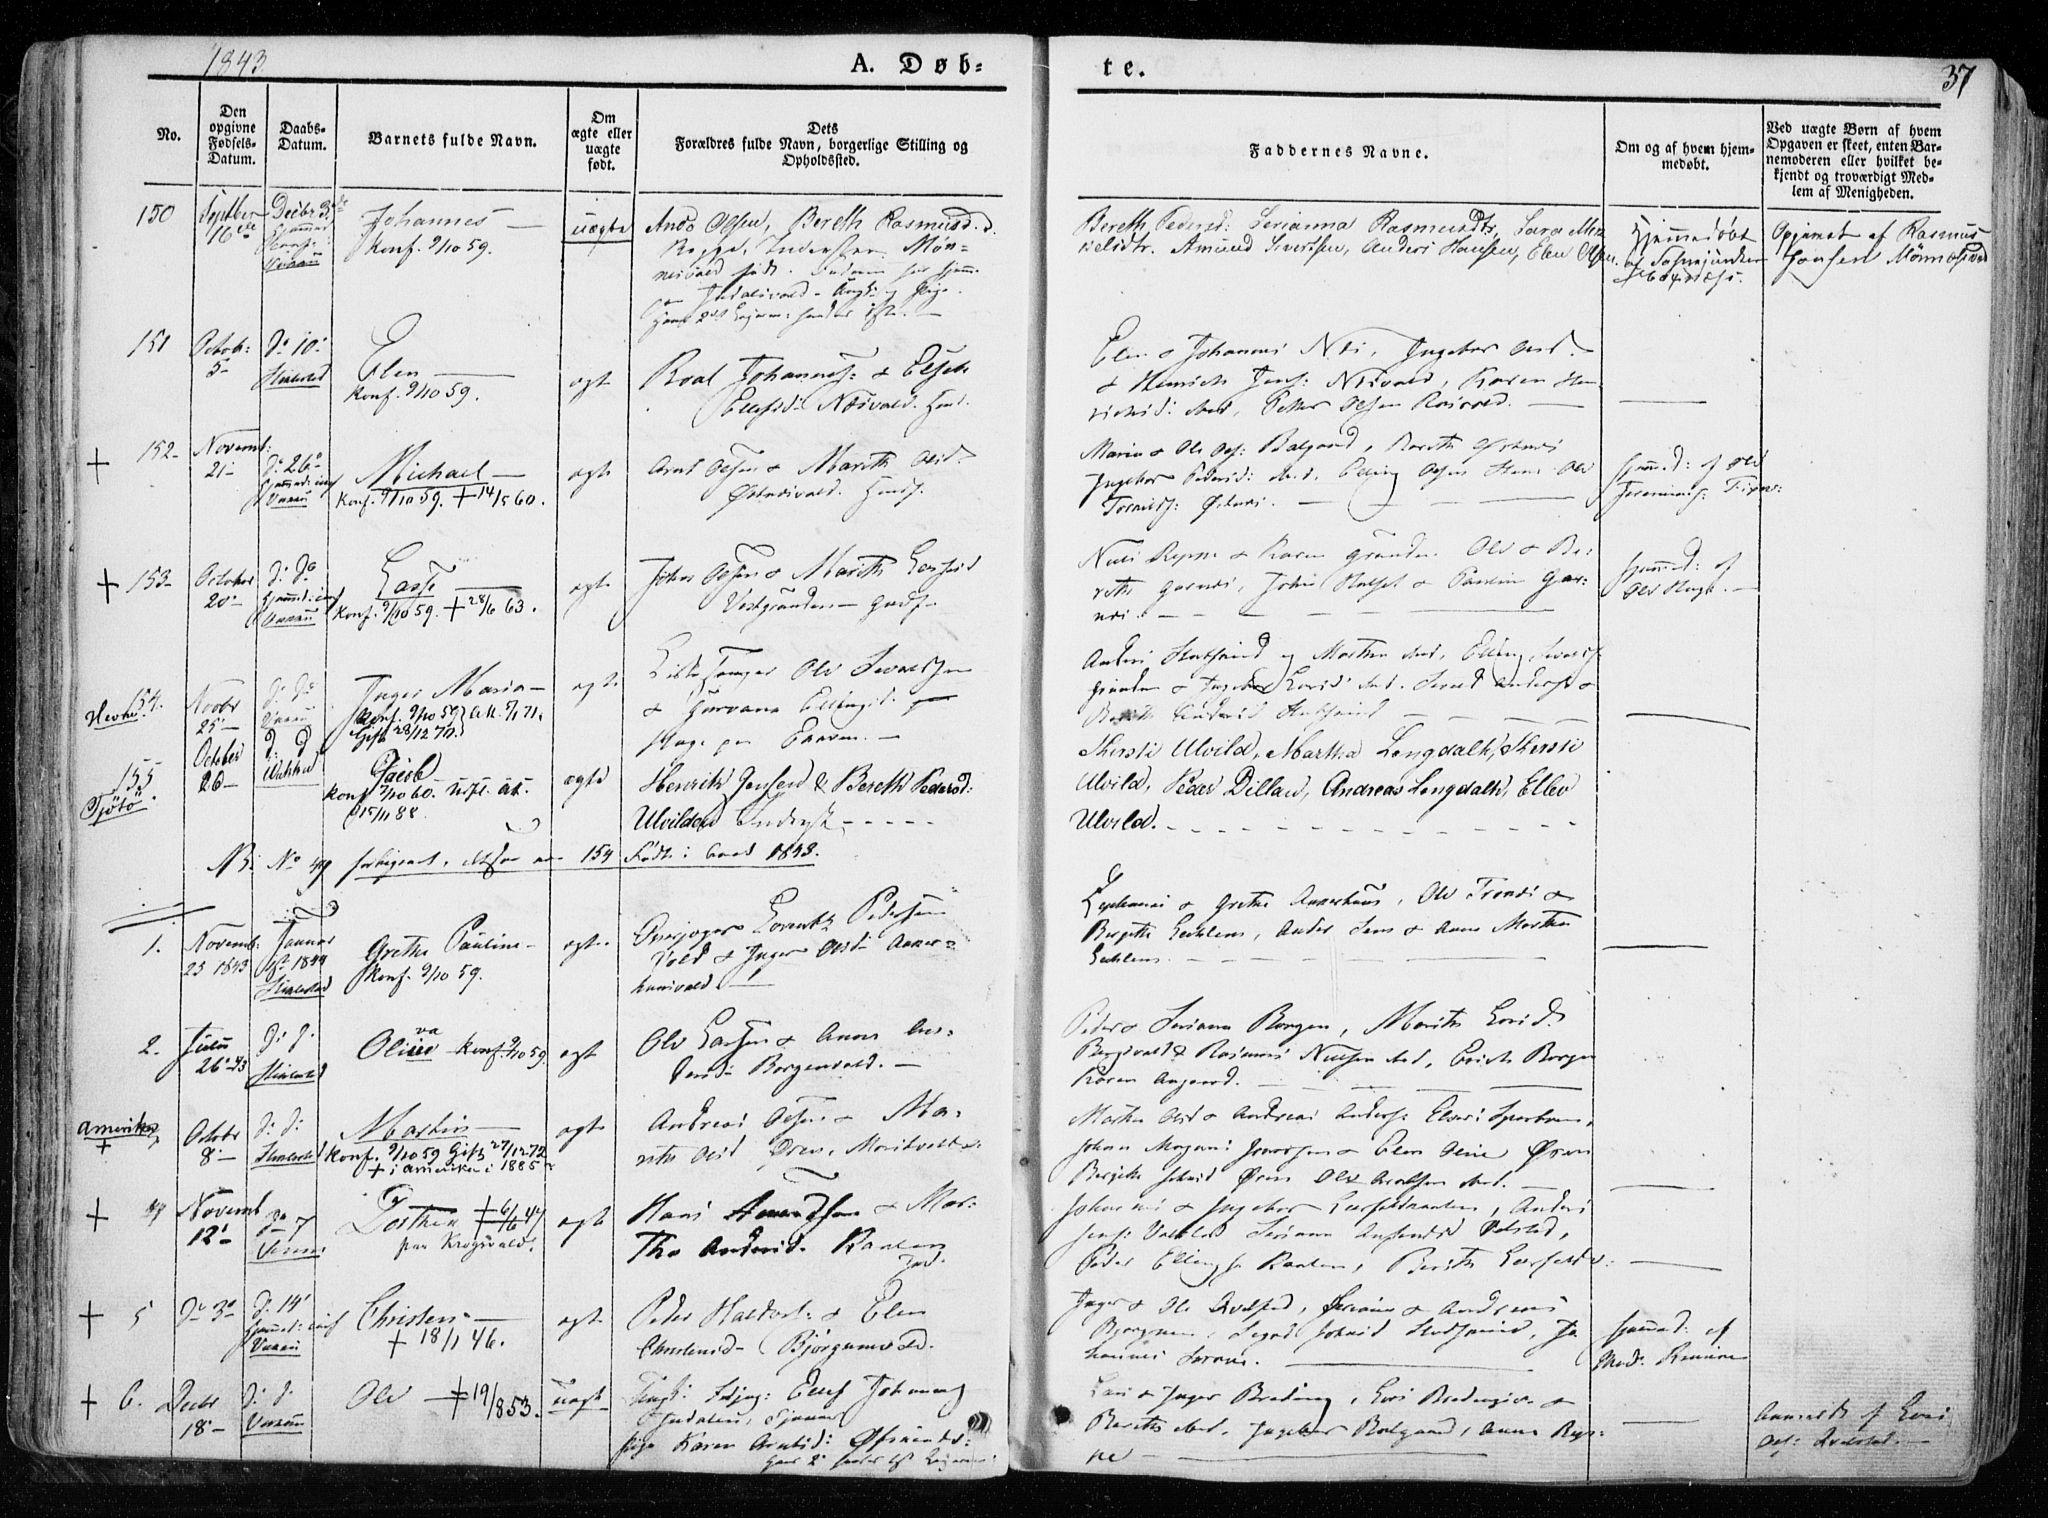 SAT, Ministerialprotokoller, klokkerbøker og fødselsregistre - Nord-Trøndelag, 723/L0239: Ministerialbok nr. 723A08, 1841-1851, s. 37